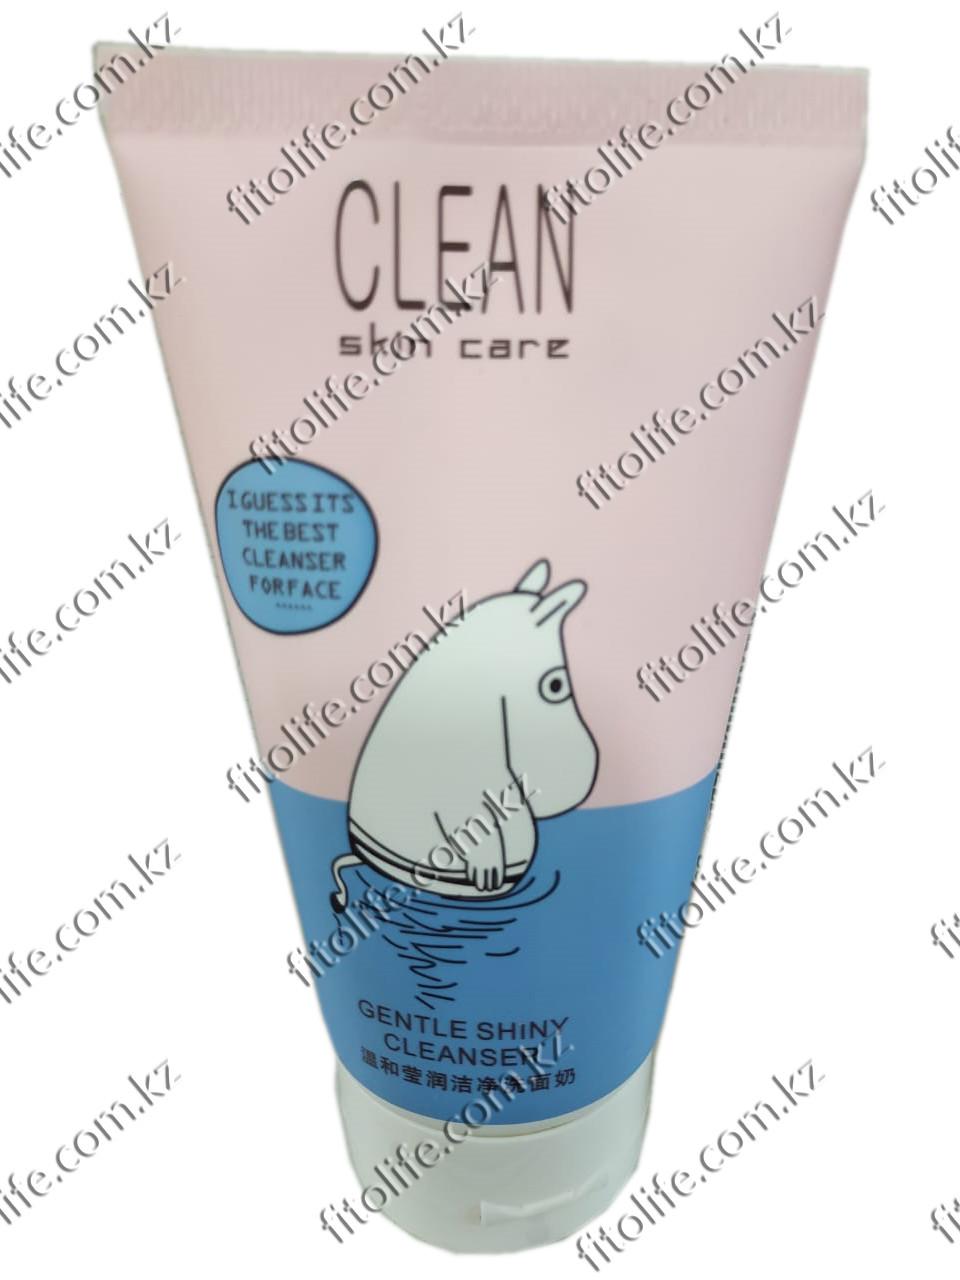 Средство для умывания лица Clean skin care